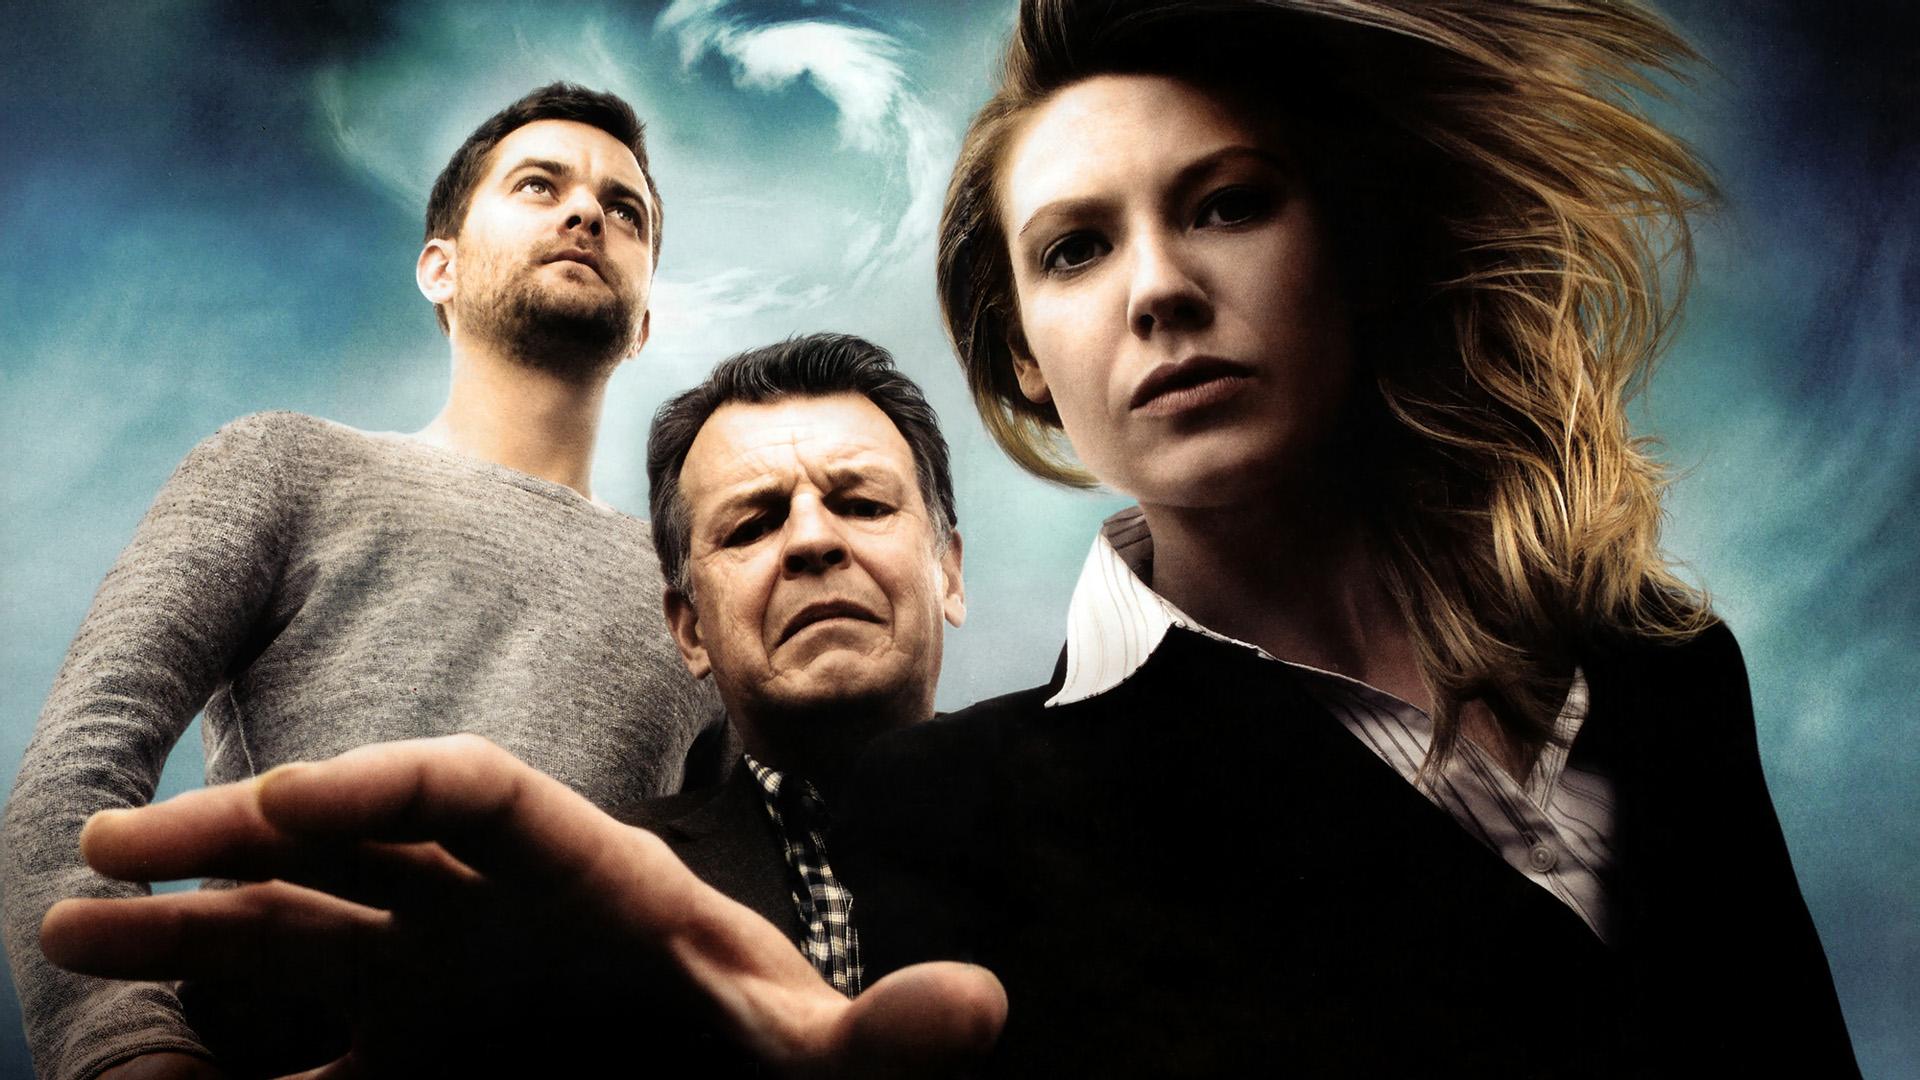 Maak kans op het vijfde seizoen van Fringe